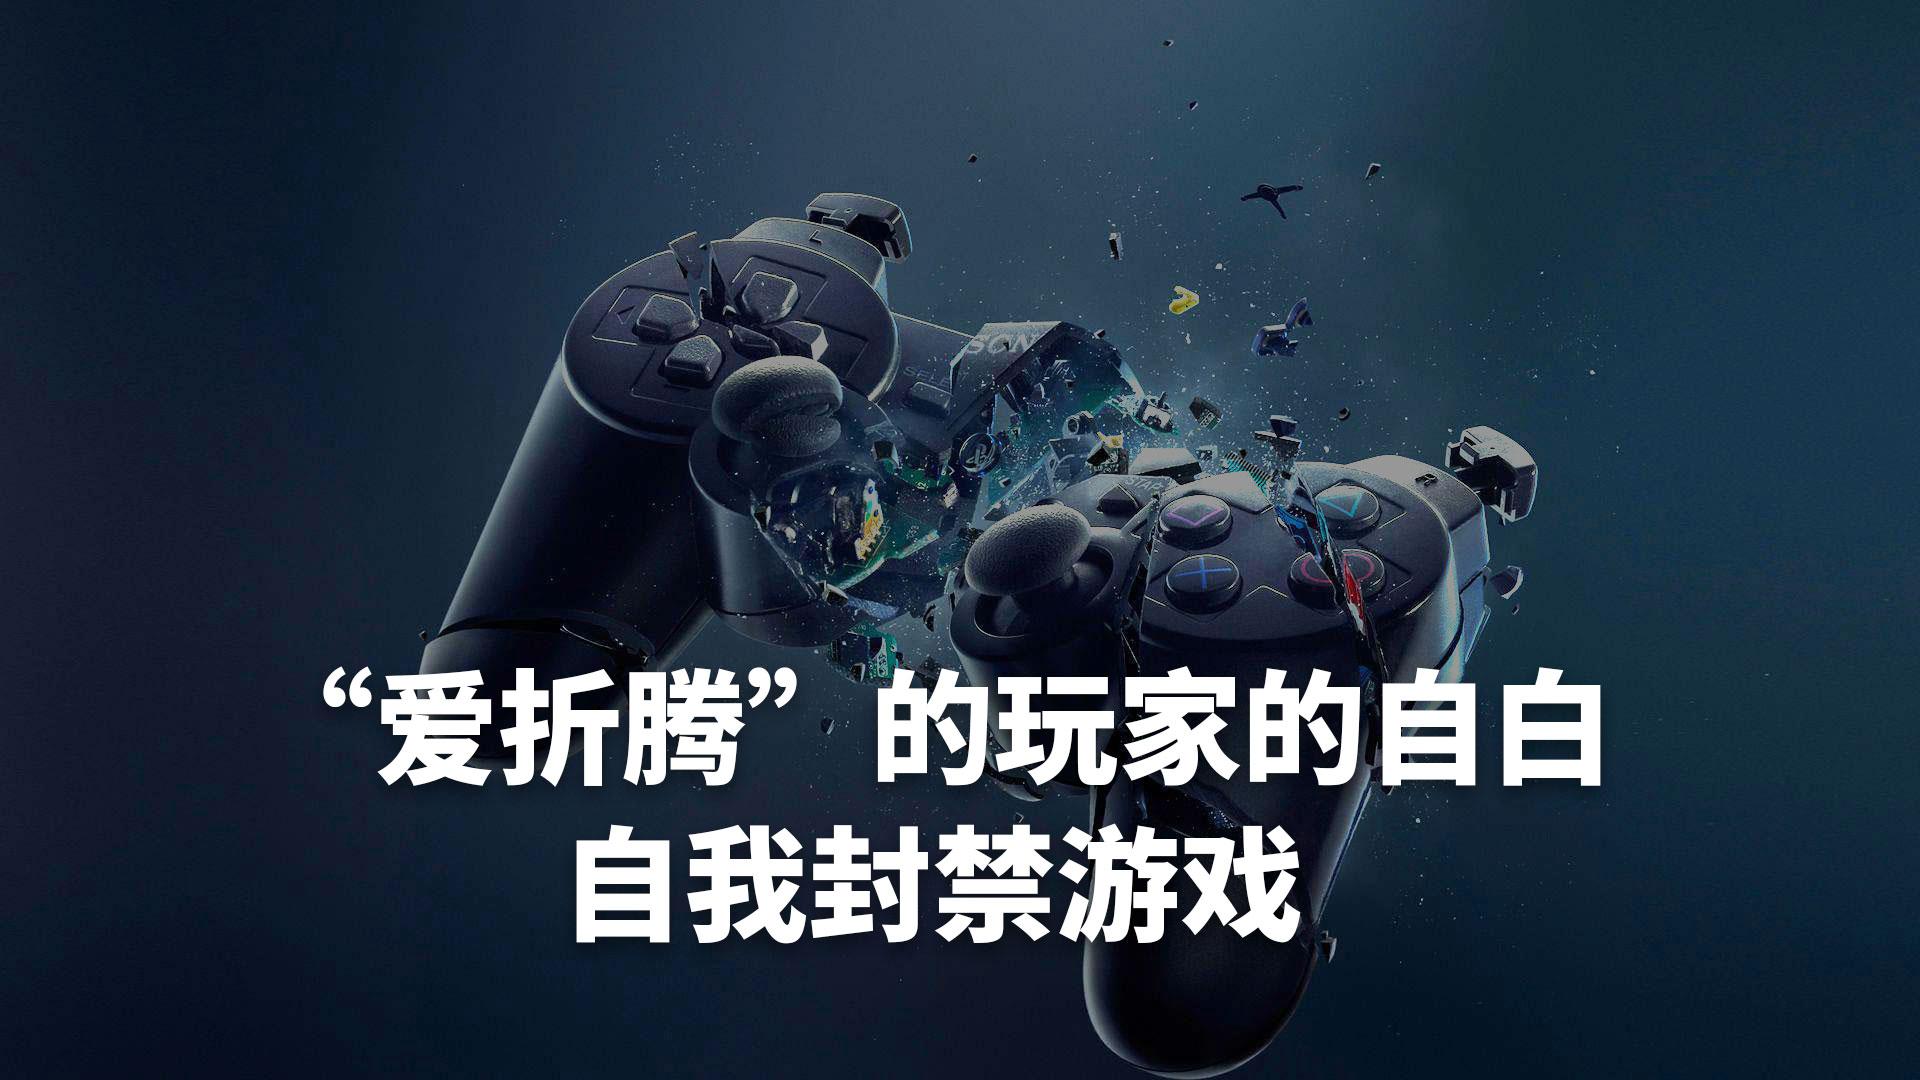 """""""爱折腾""""的玩家(2)""""自己封禁玩游戏"""" - interest 2"""